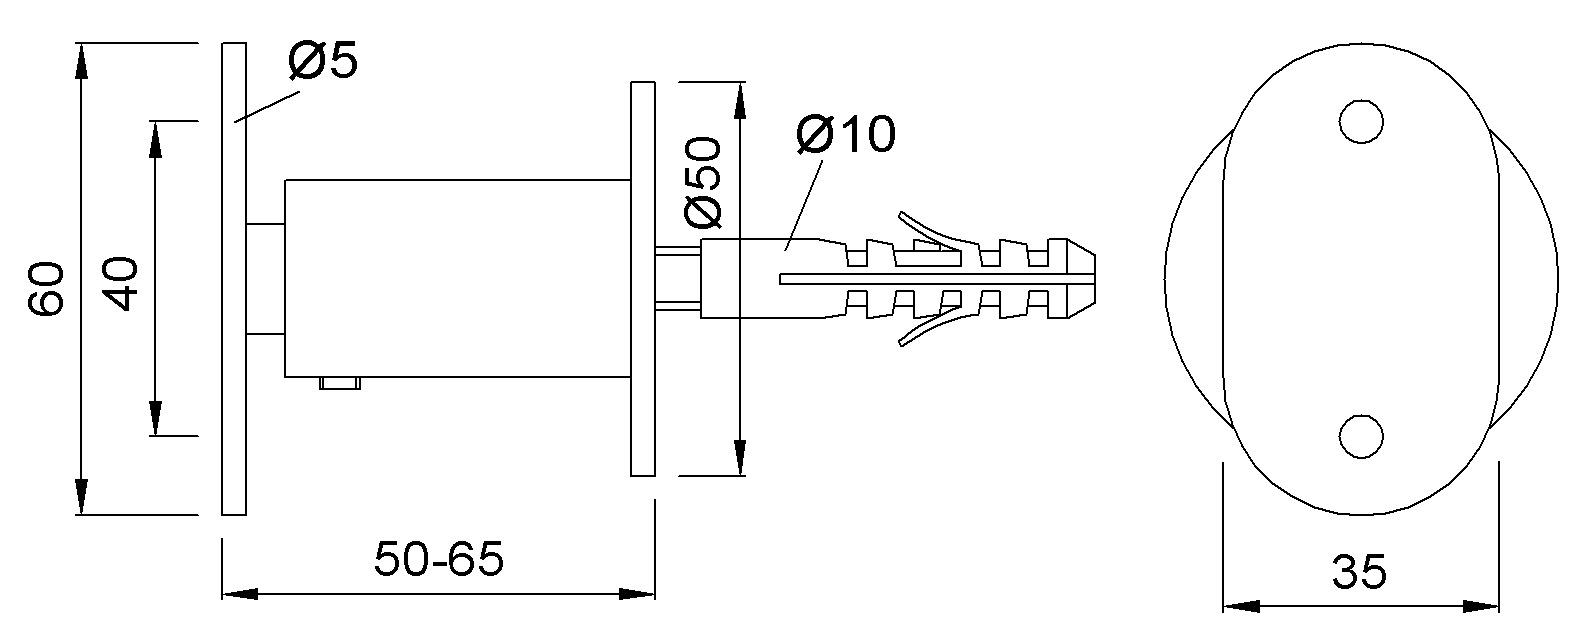 Handlaufstützen KWS 4550